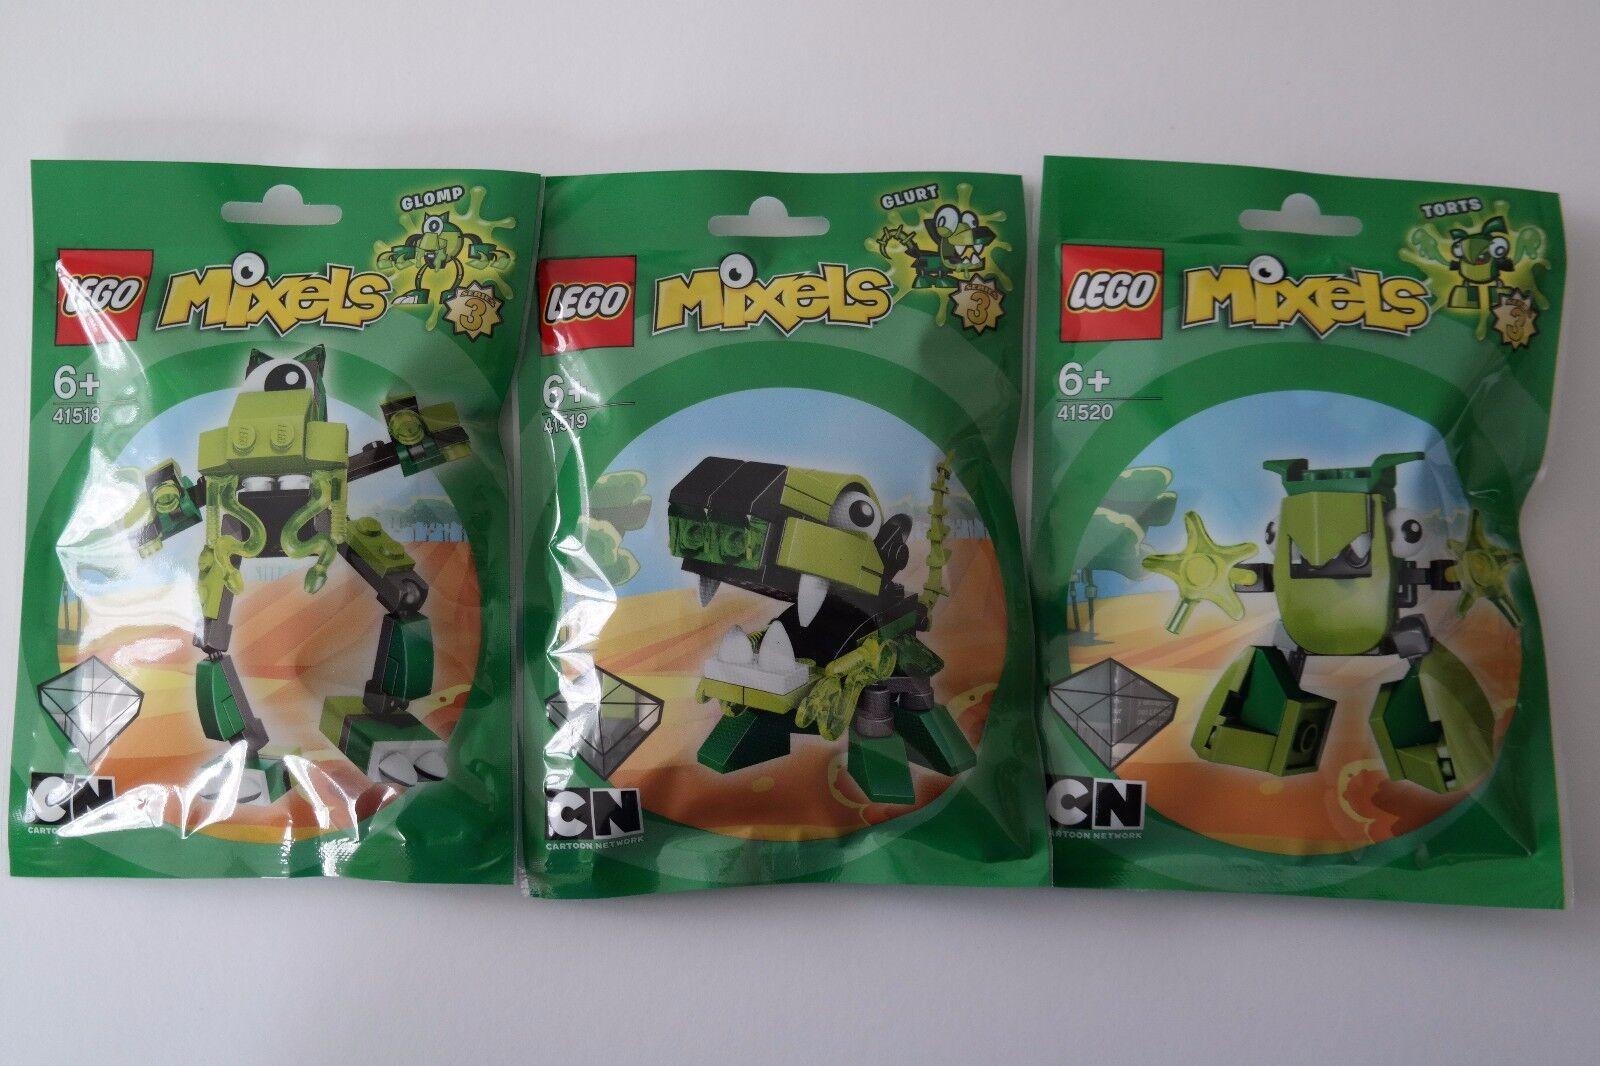 Lego 41518 Glomp 41519 Glurt 41520 torts-MIXELS série 3 NEUF